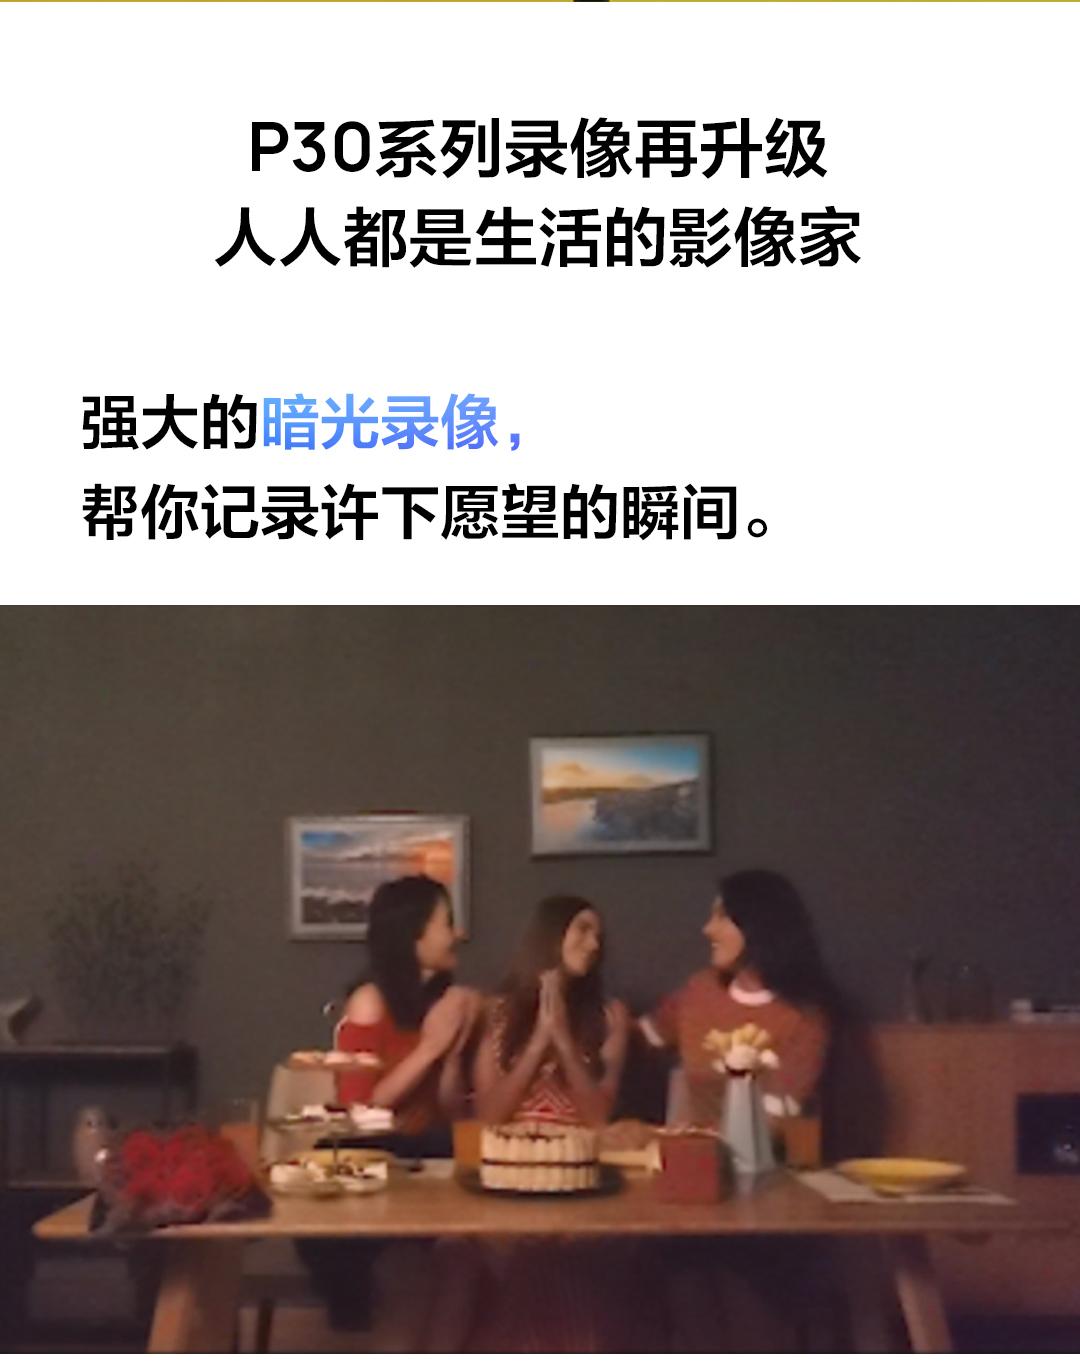 HUAWEI-P30中国区一张图_15.jpg